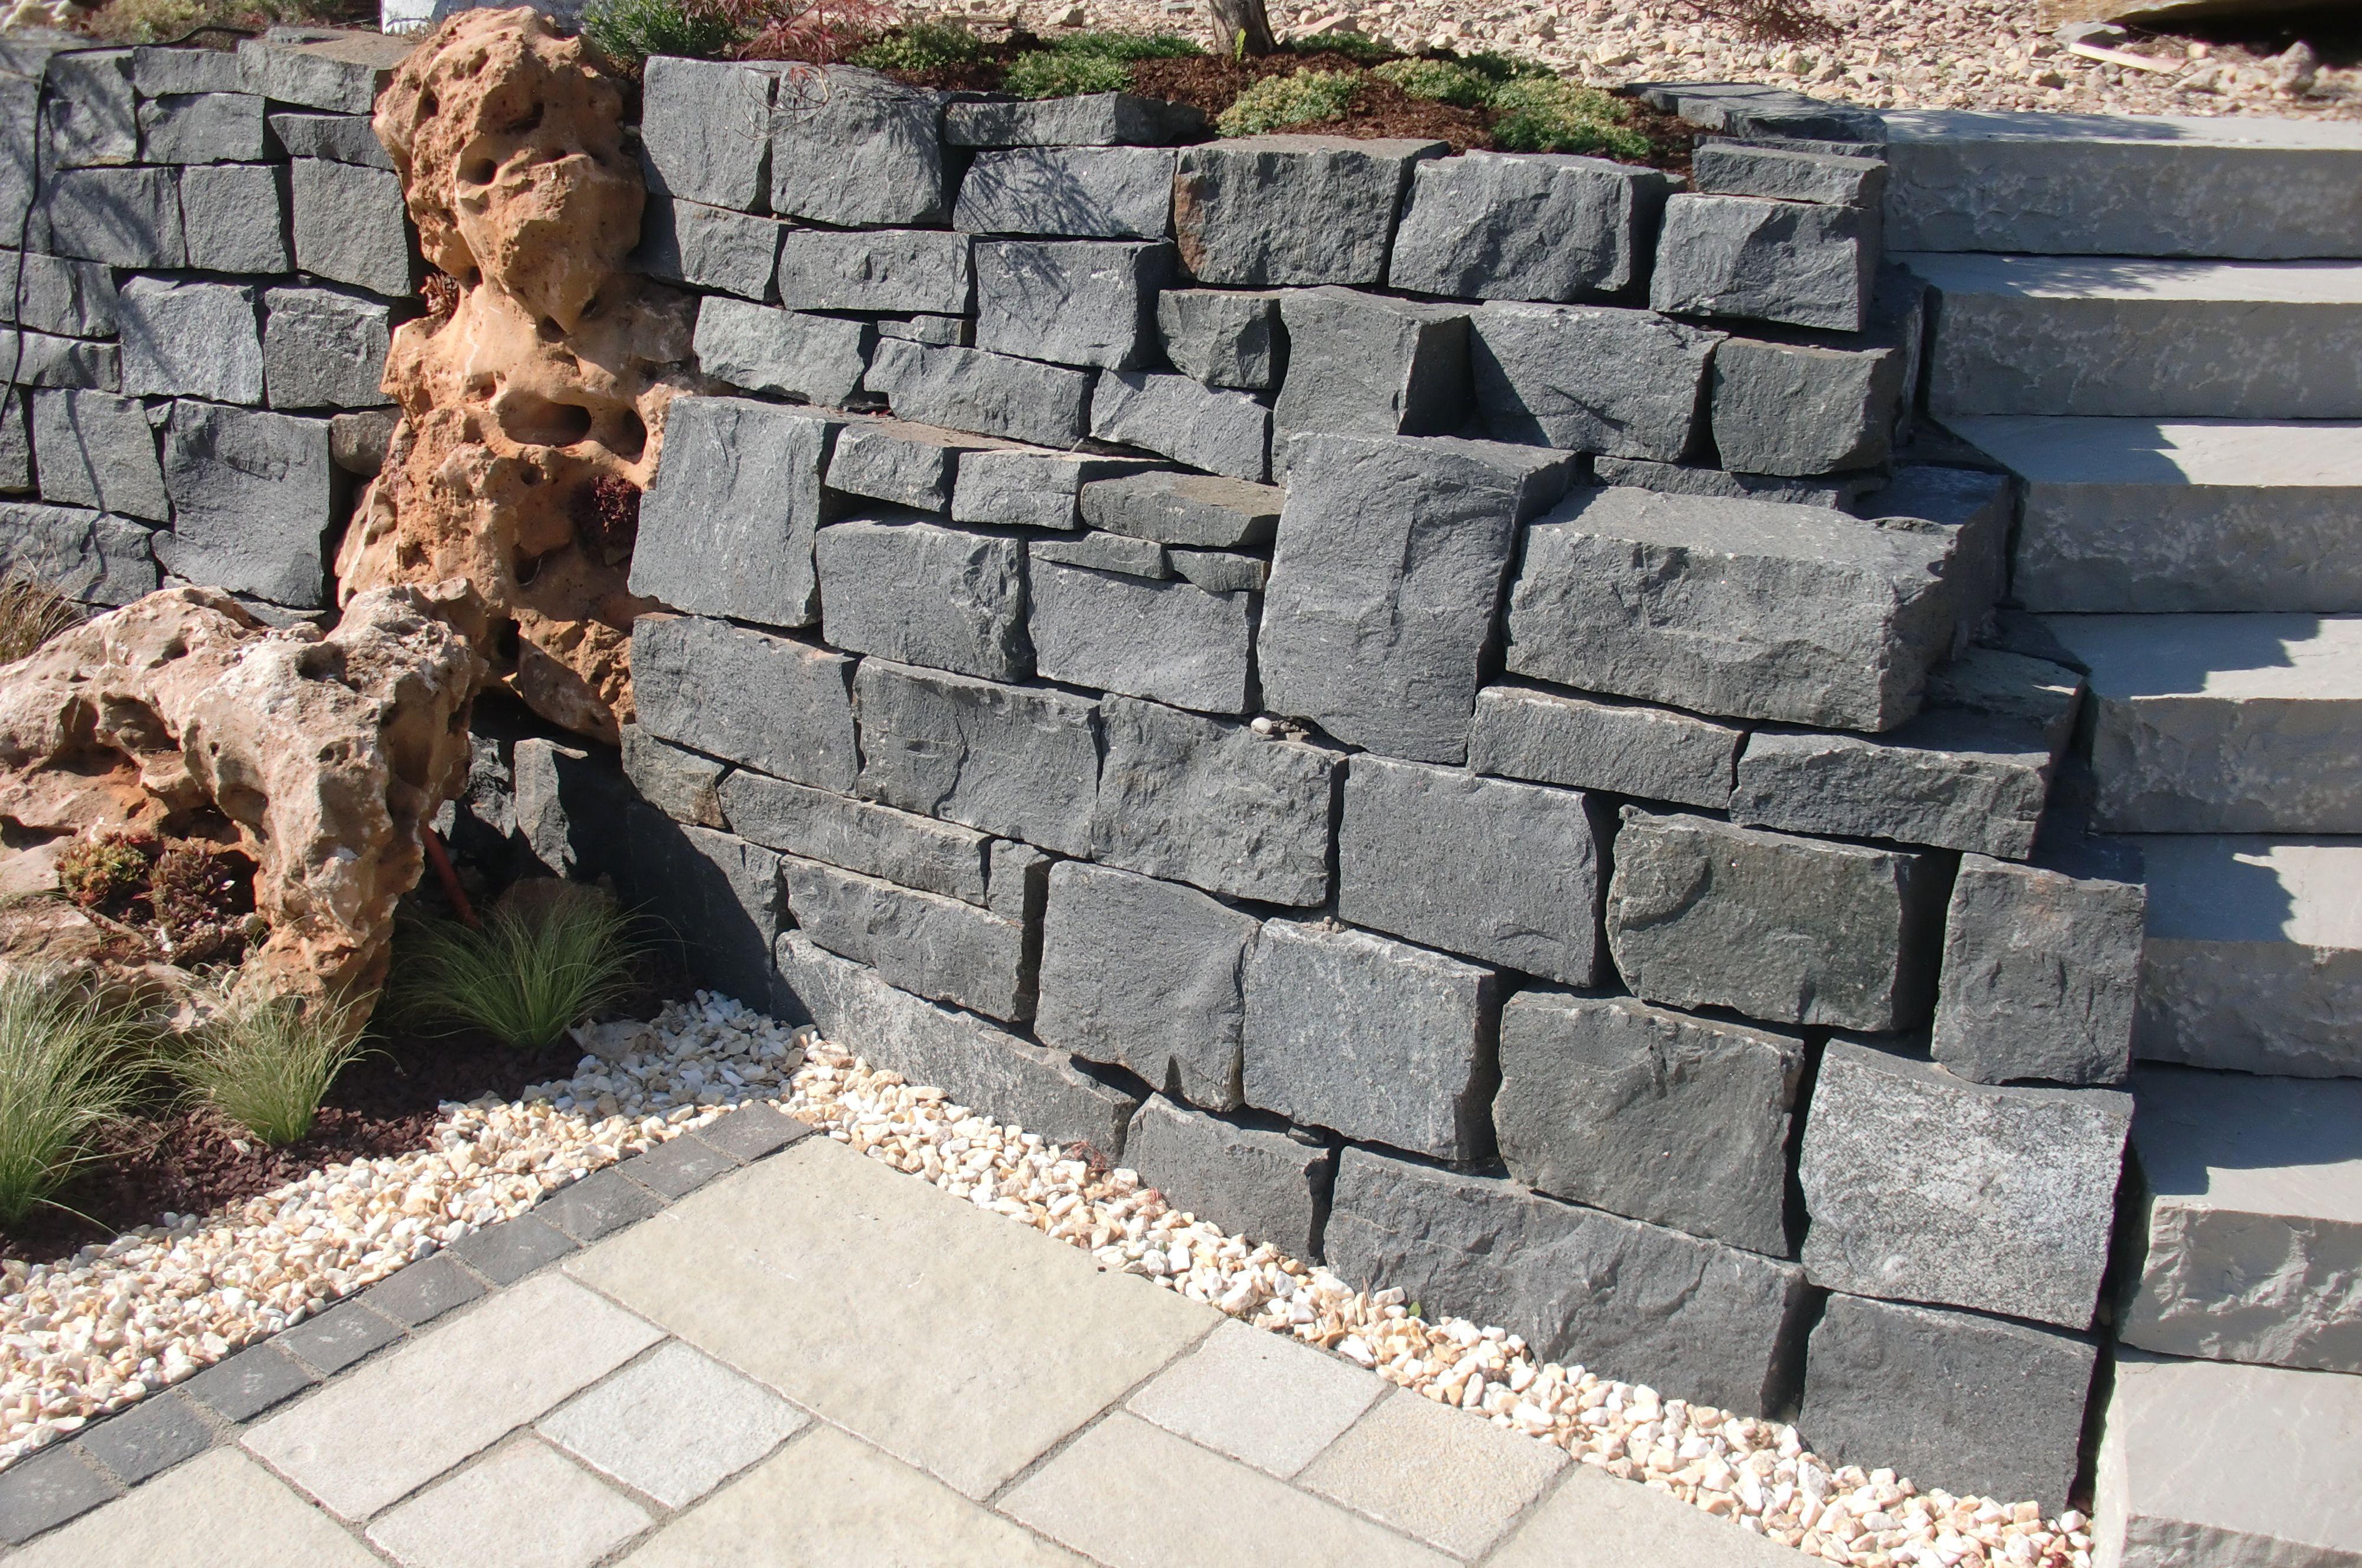 Berühmt Garten ▫ Terrasse ▫ Außengestaltung ▫ Mauer ▫ Trockenmauer CG67